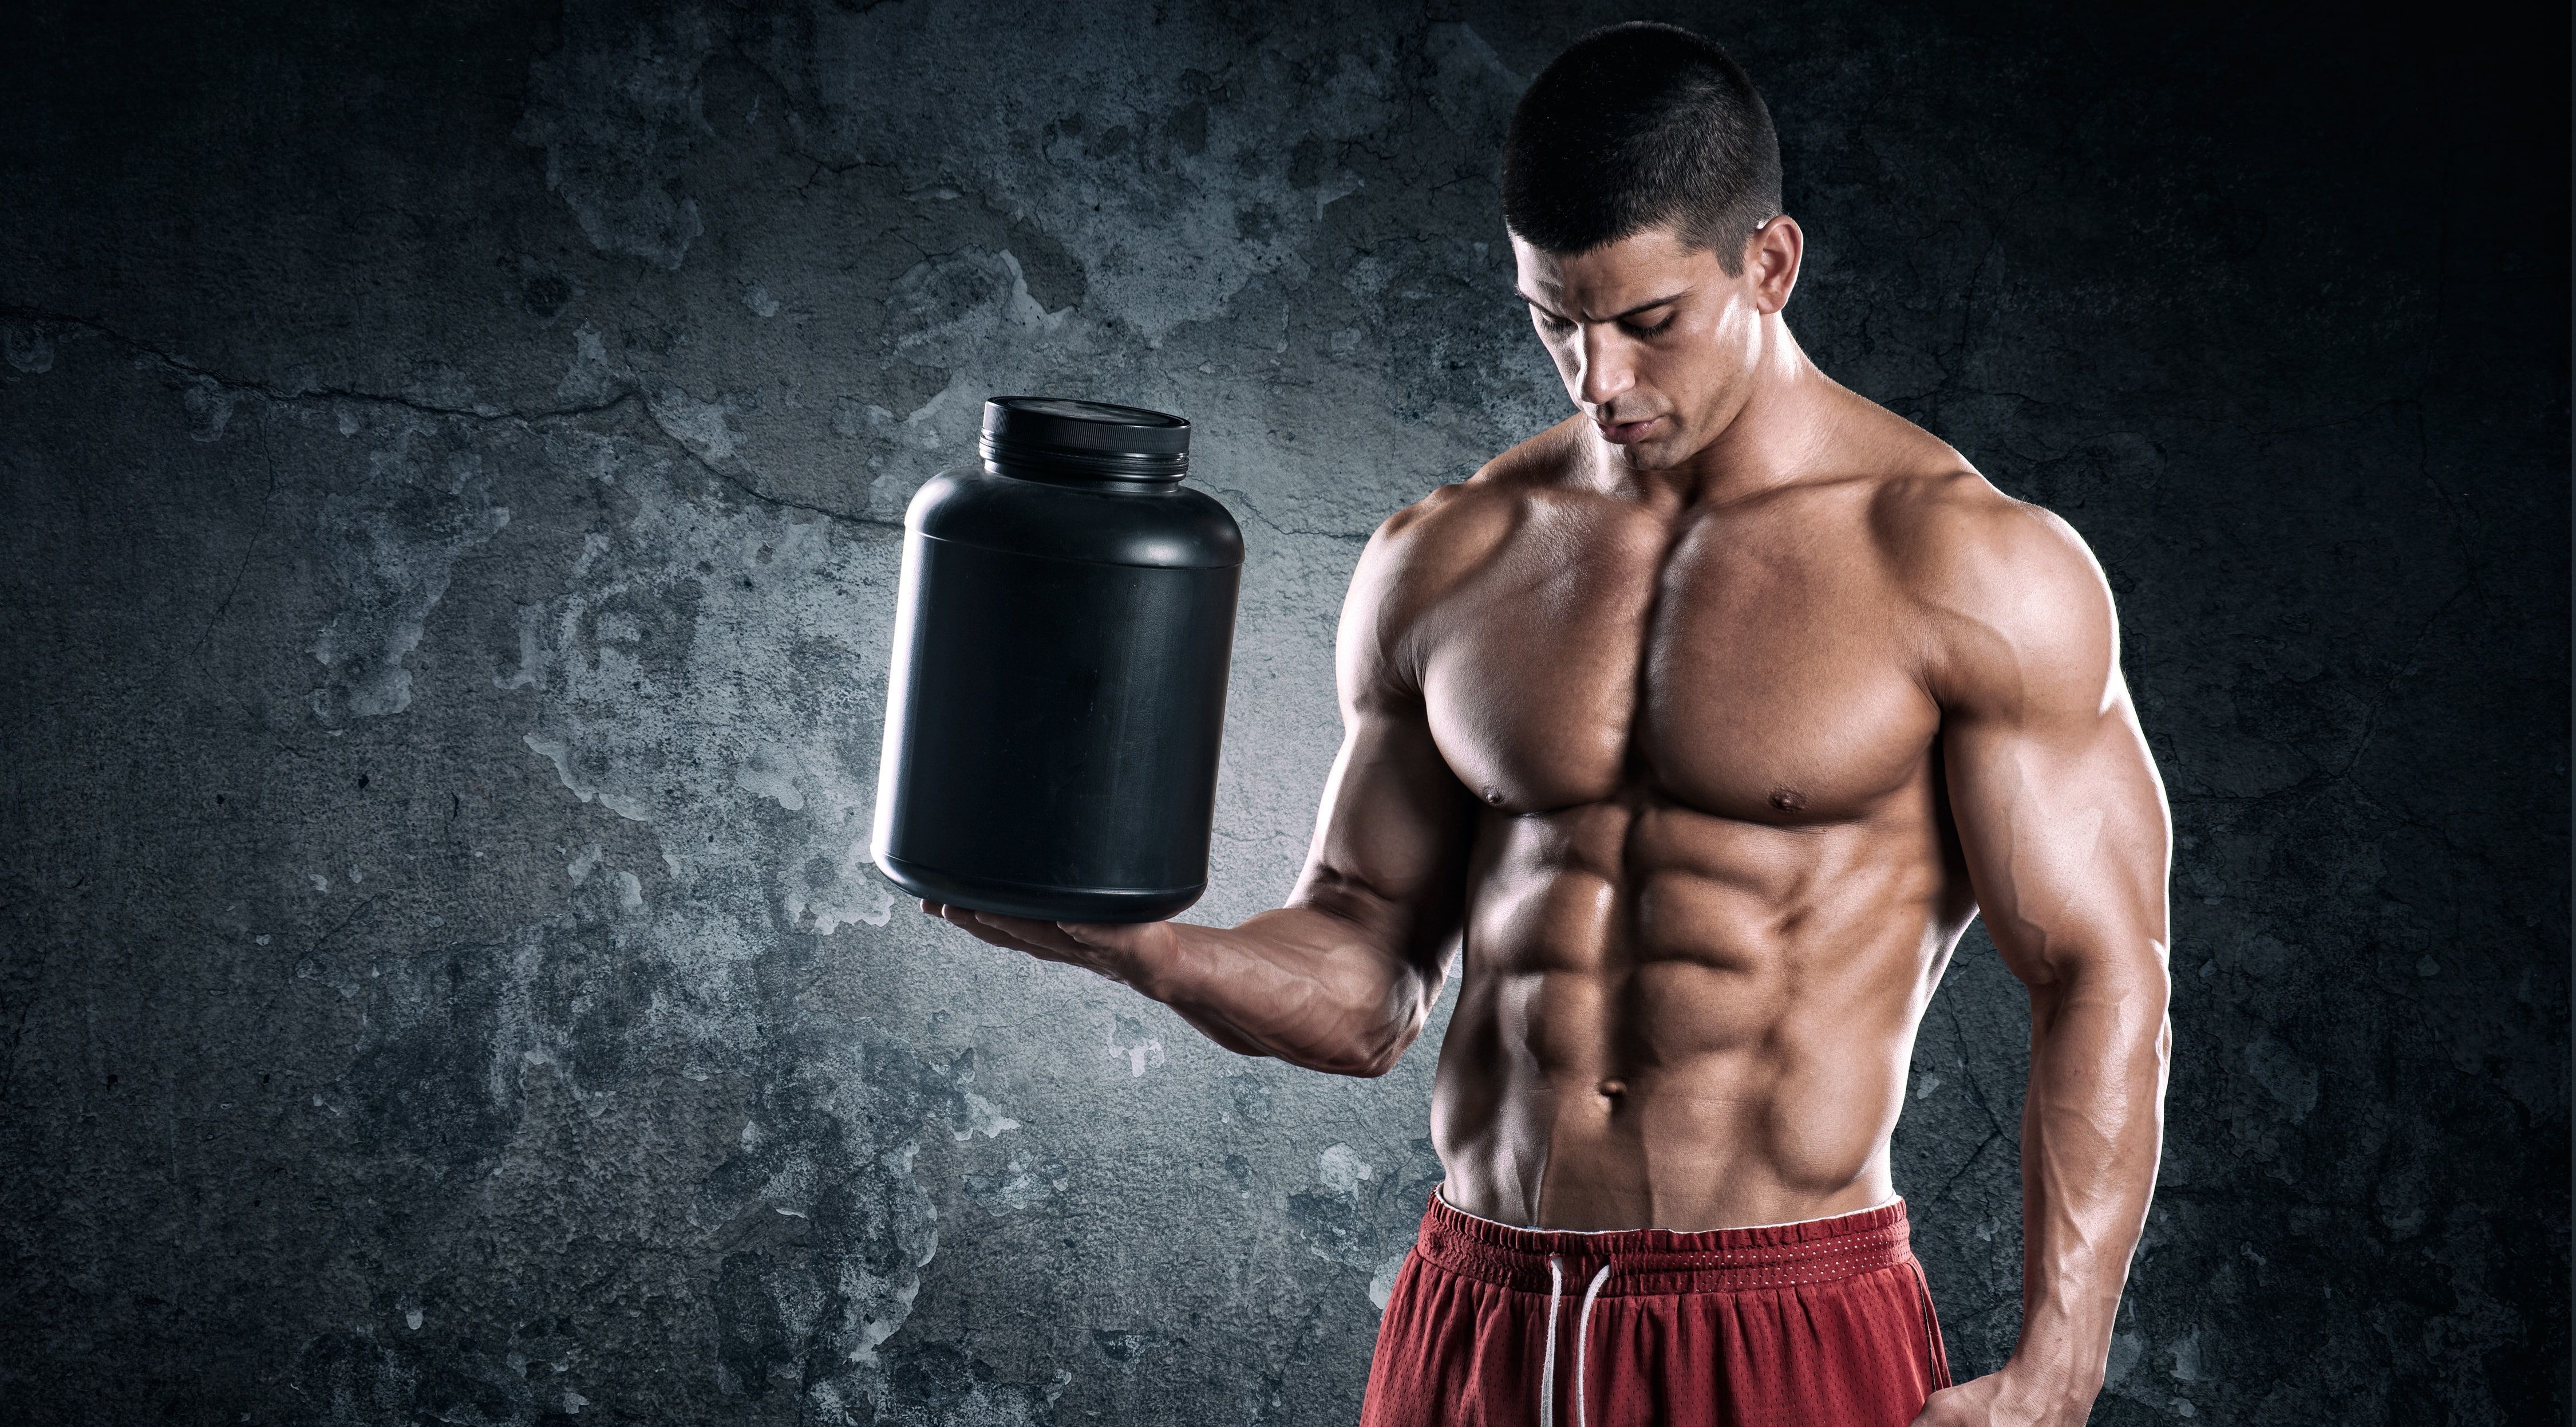 Power Muscles Bodybuilder 4k Wallpaper Hdwallpaper Desktop Best Bodybuilding Supplements Bodybuilding Supplements Bodybuilding